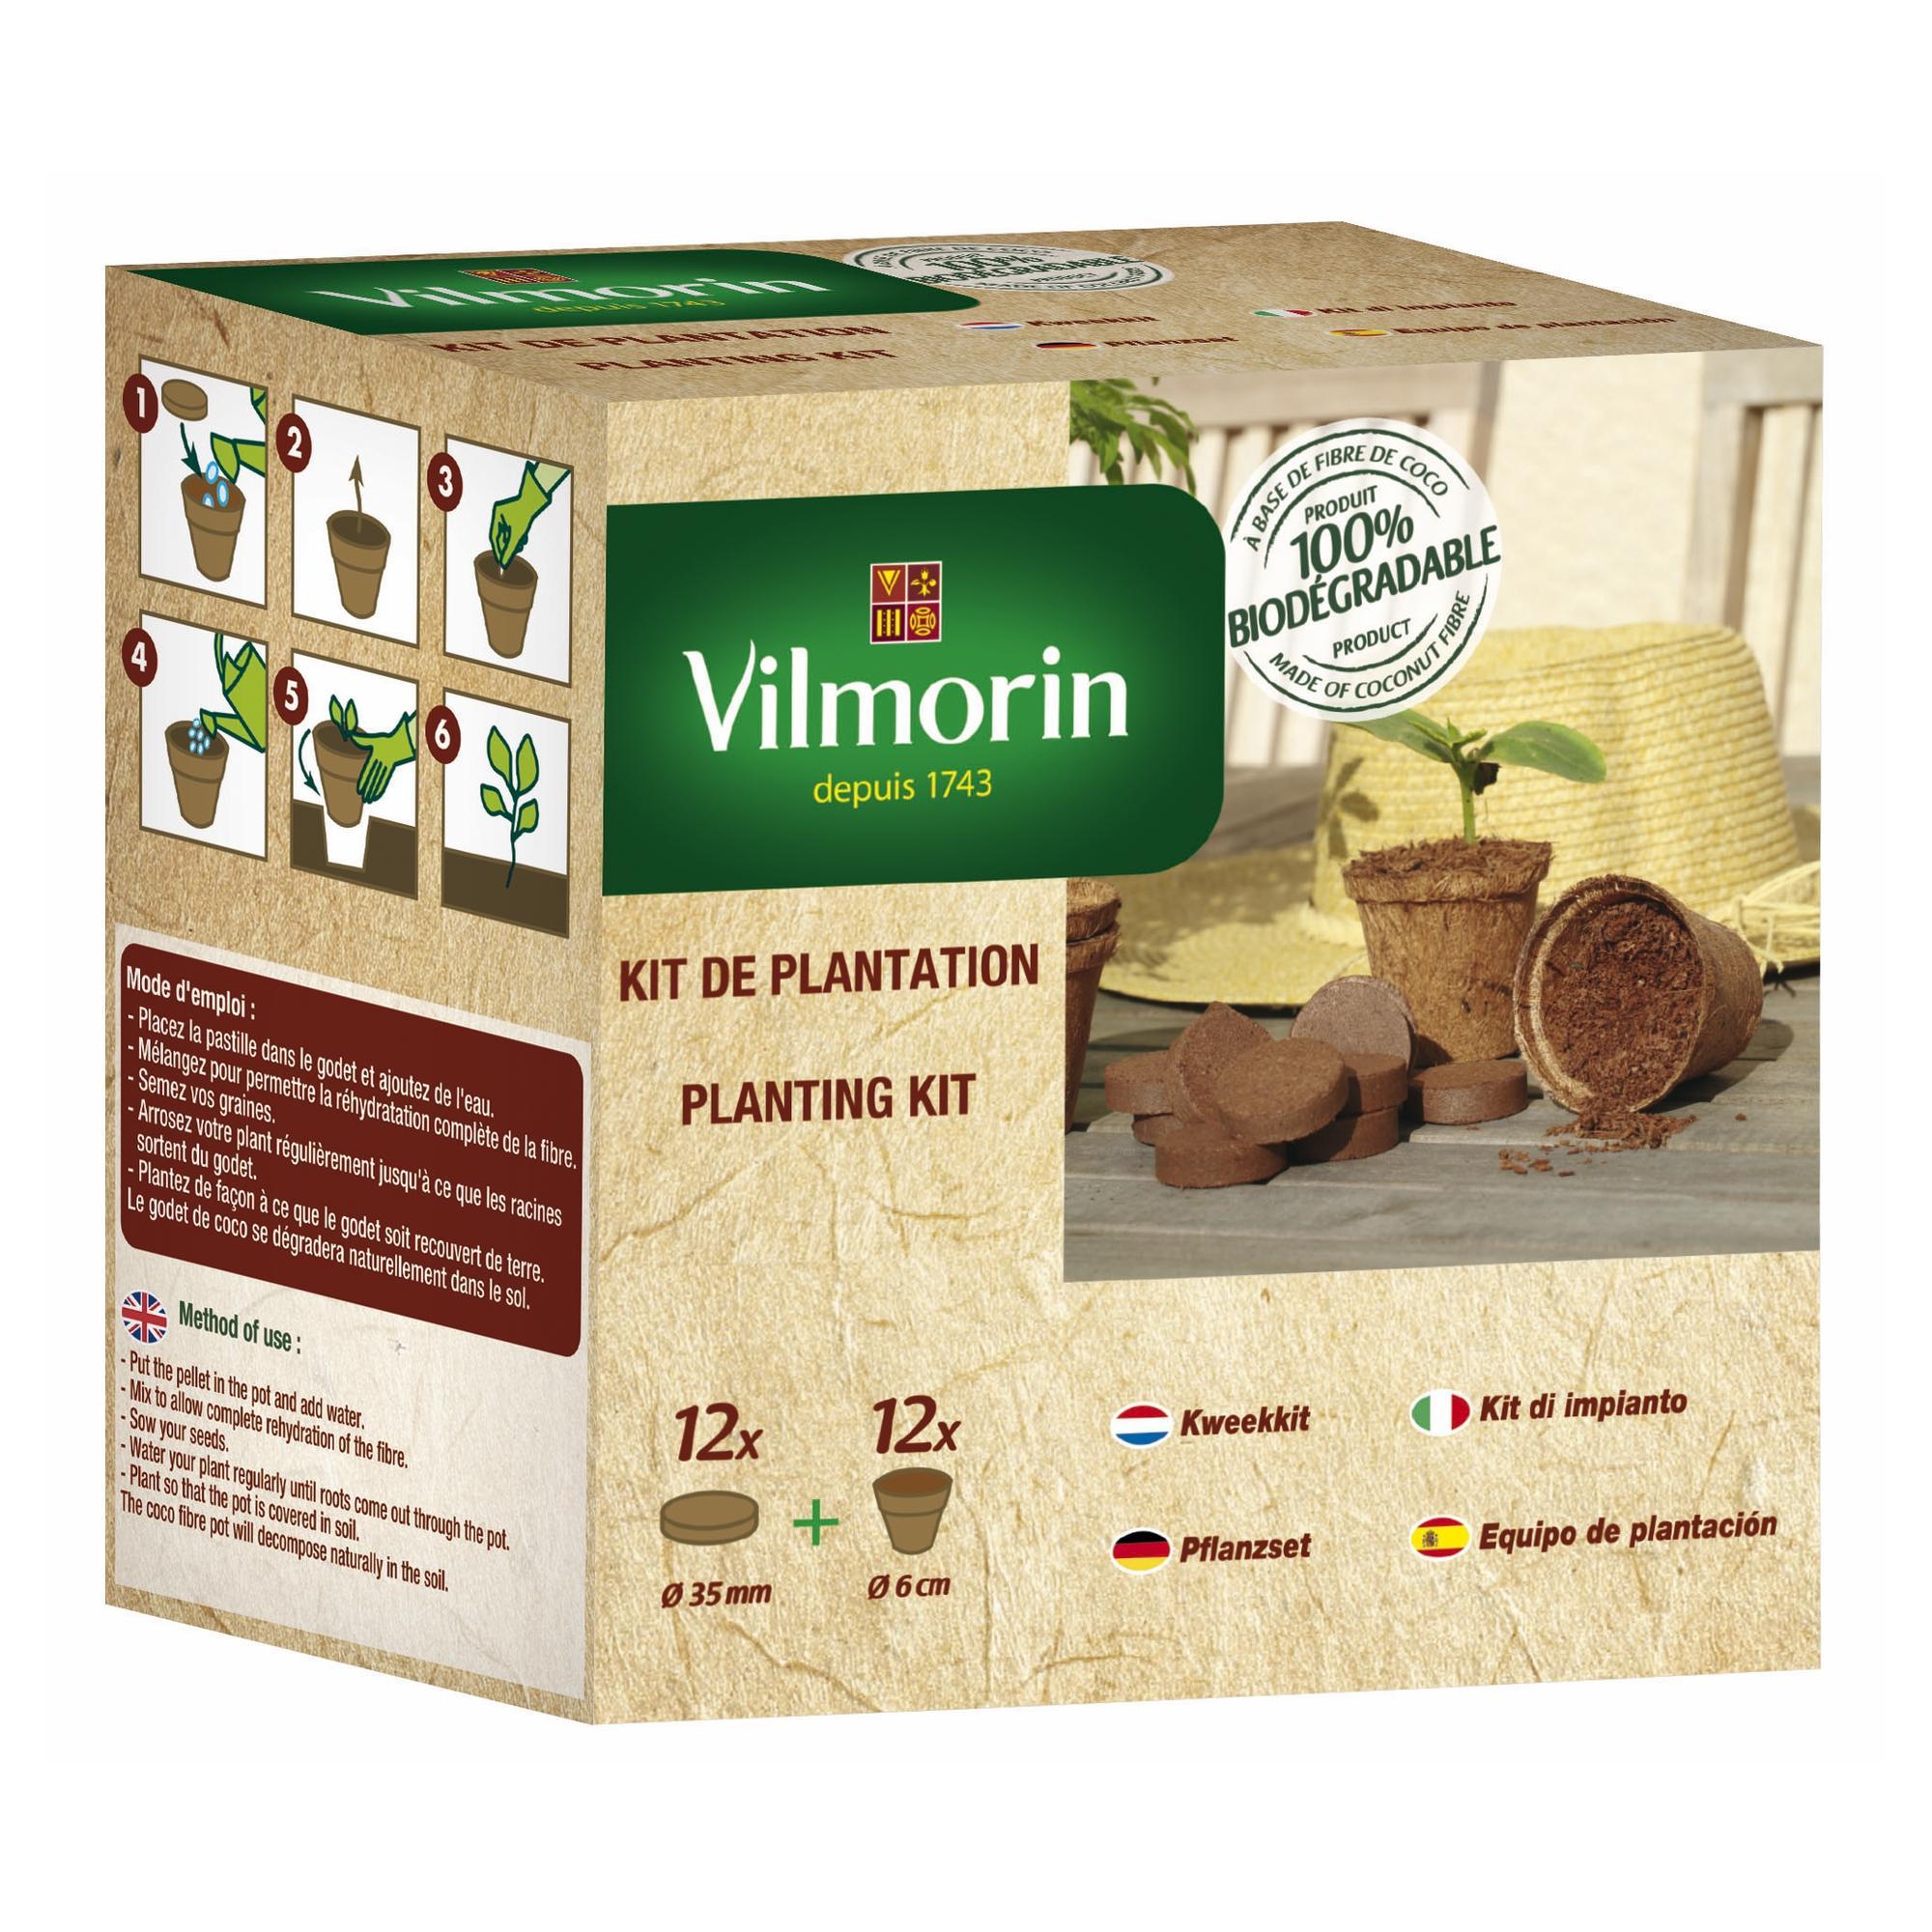 Комплект 12 кокосови саксии + 12 компресирани кокосови пелети